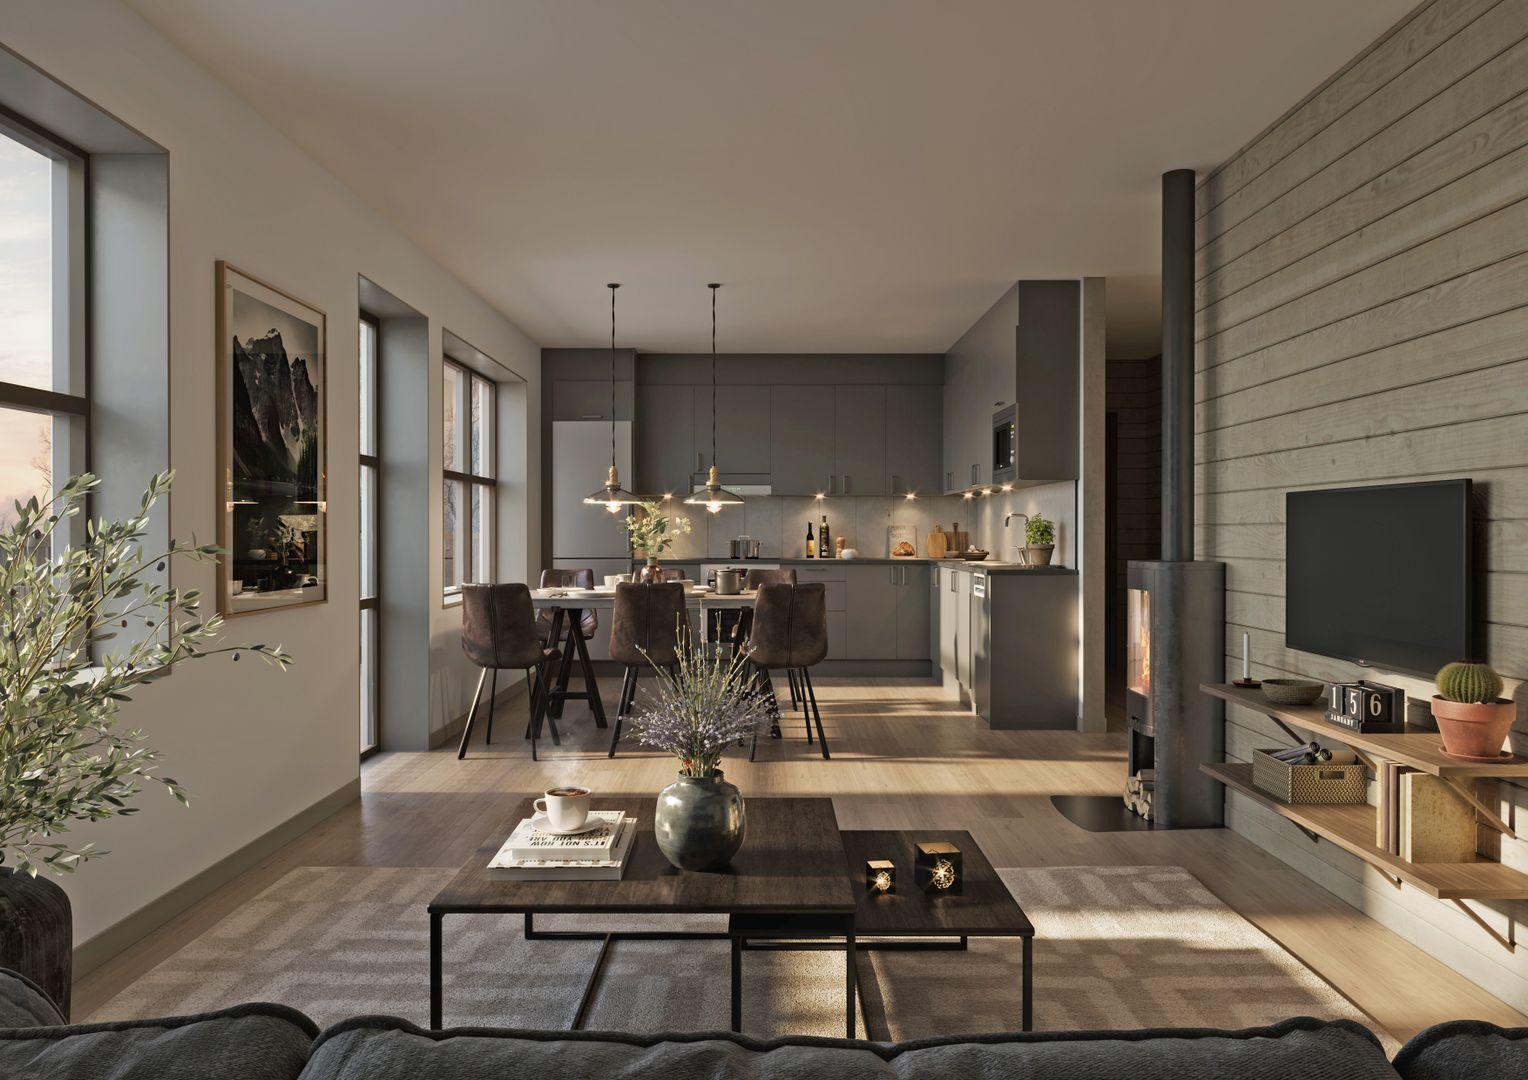 Allrum med vy mot köket, lägenhet 2C. Avvikelser från verkligheten kan förekomma.